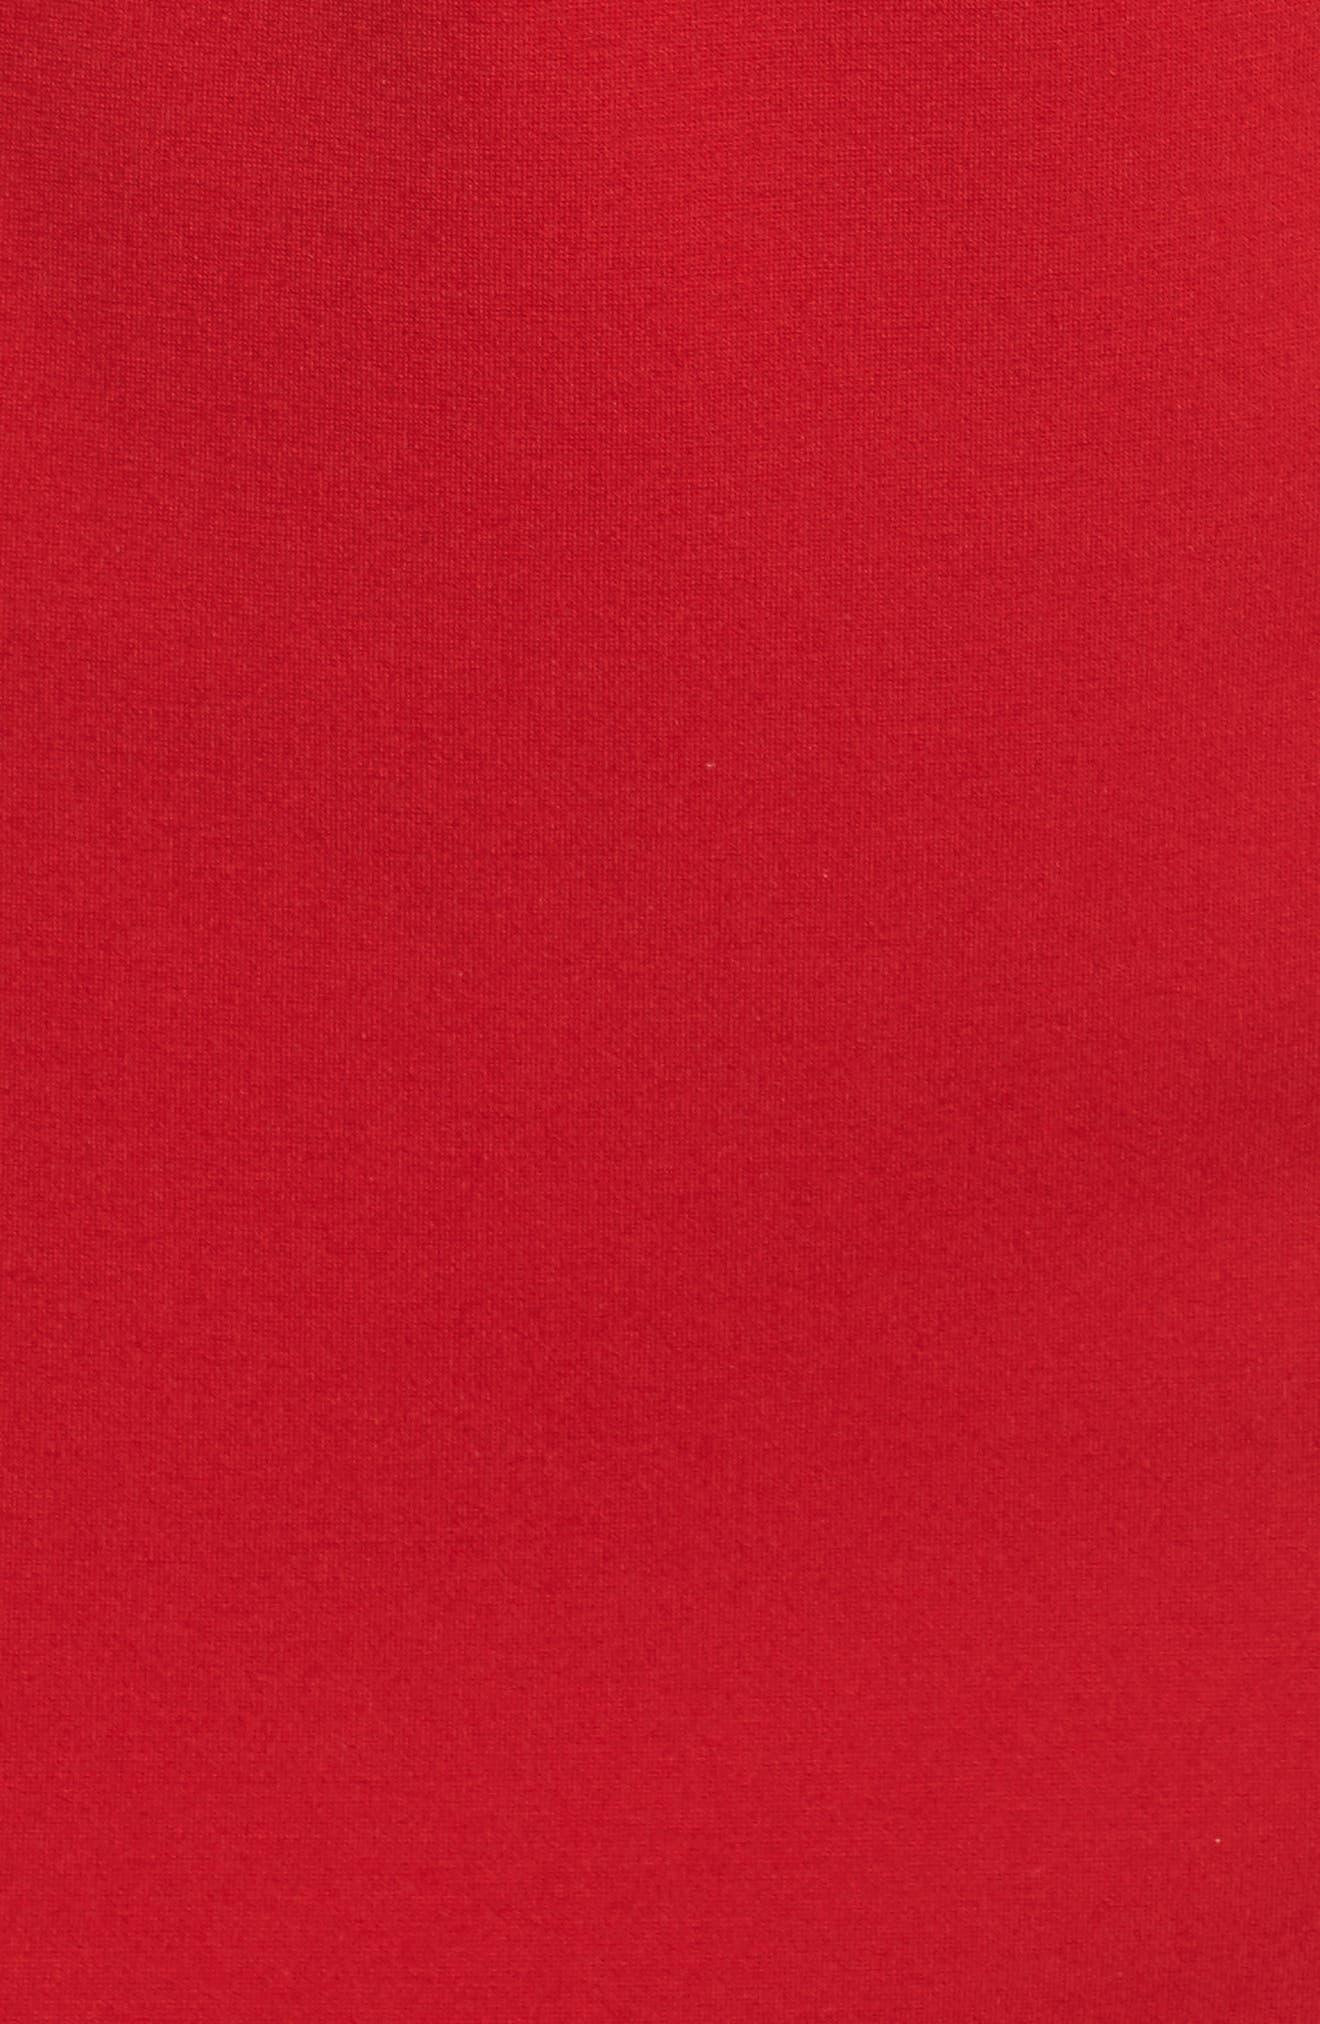 Velvet Trim Crepe Sheath Dress,                             Alternate thumbnail 5, color,                             Scarlet